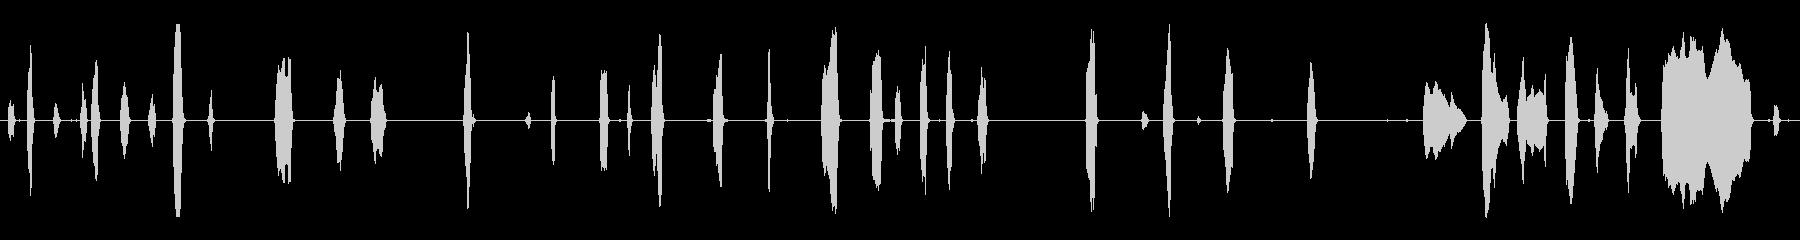 さまざまなラクダのうなり声とうめきの未再生の波形